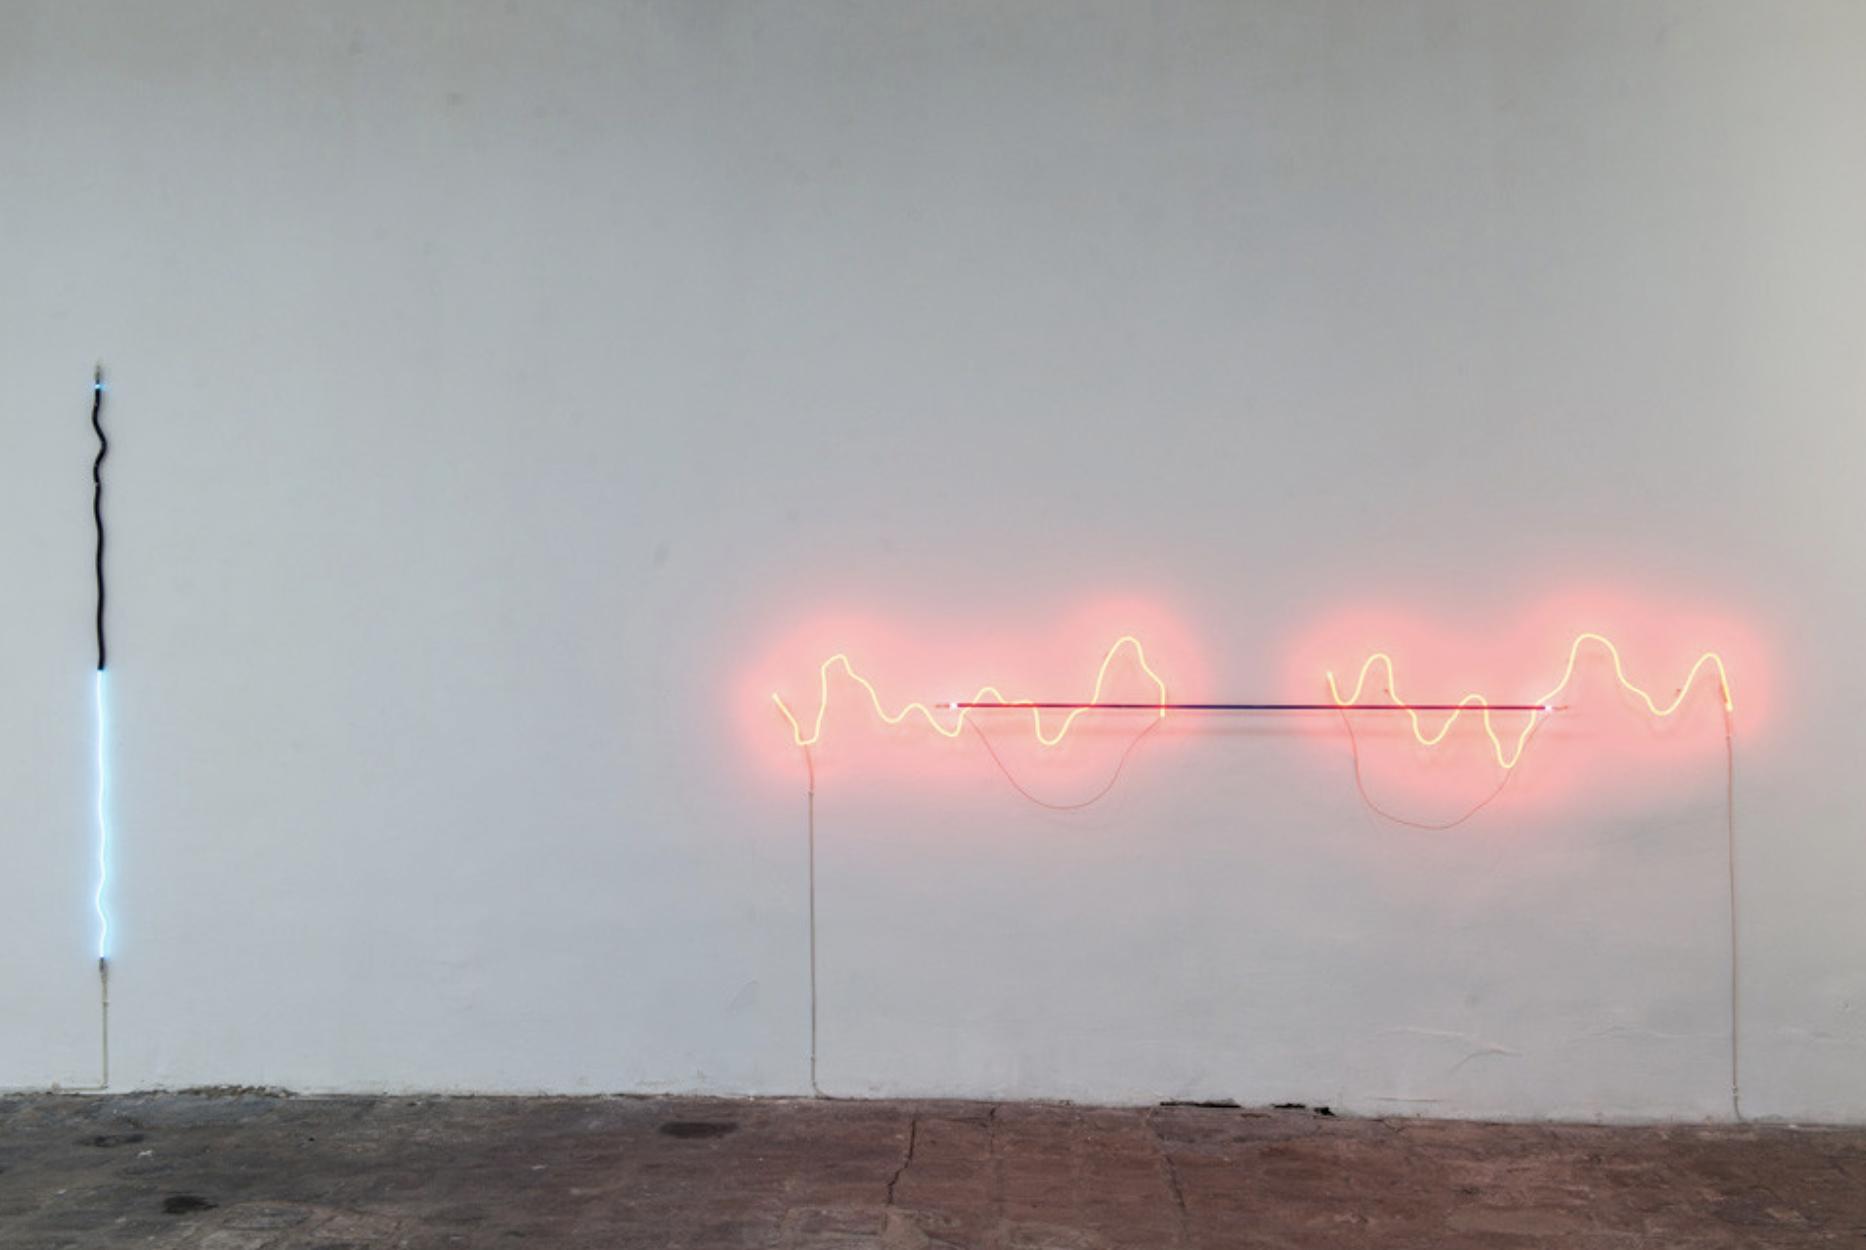 Jan van Munster, à gauche, « Between Plus and Minus », 2012, Argon, verre bleu et noir, transformateur,190 cm.    à droite, « Brainwave (Ratio) », 2008, Néon, verre rouge et noir, transformateur, 280 cm. Courtesy de l'artiste.